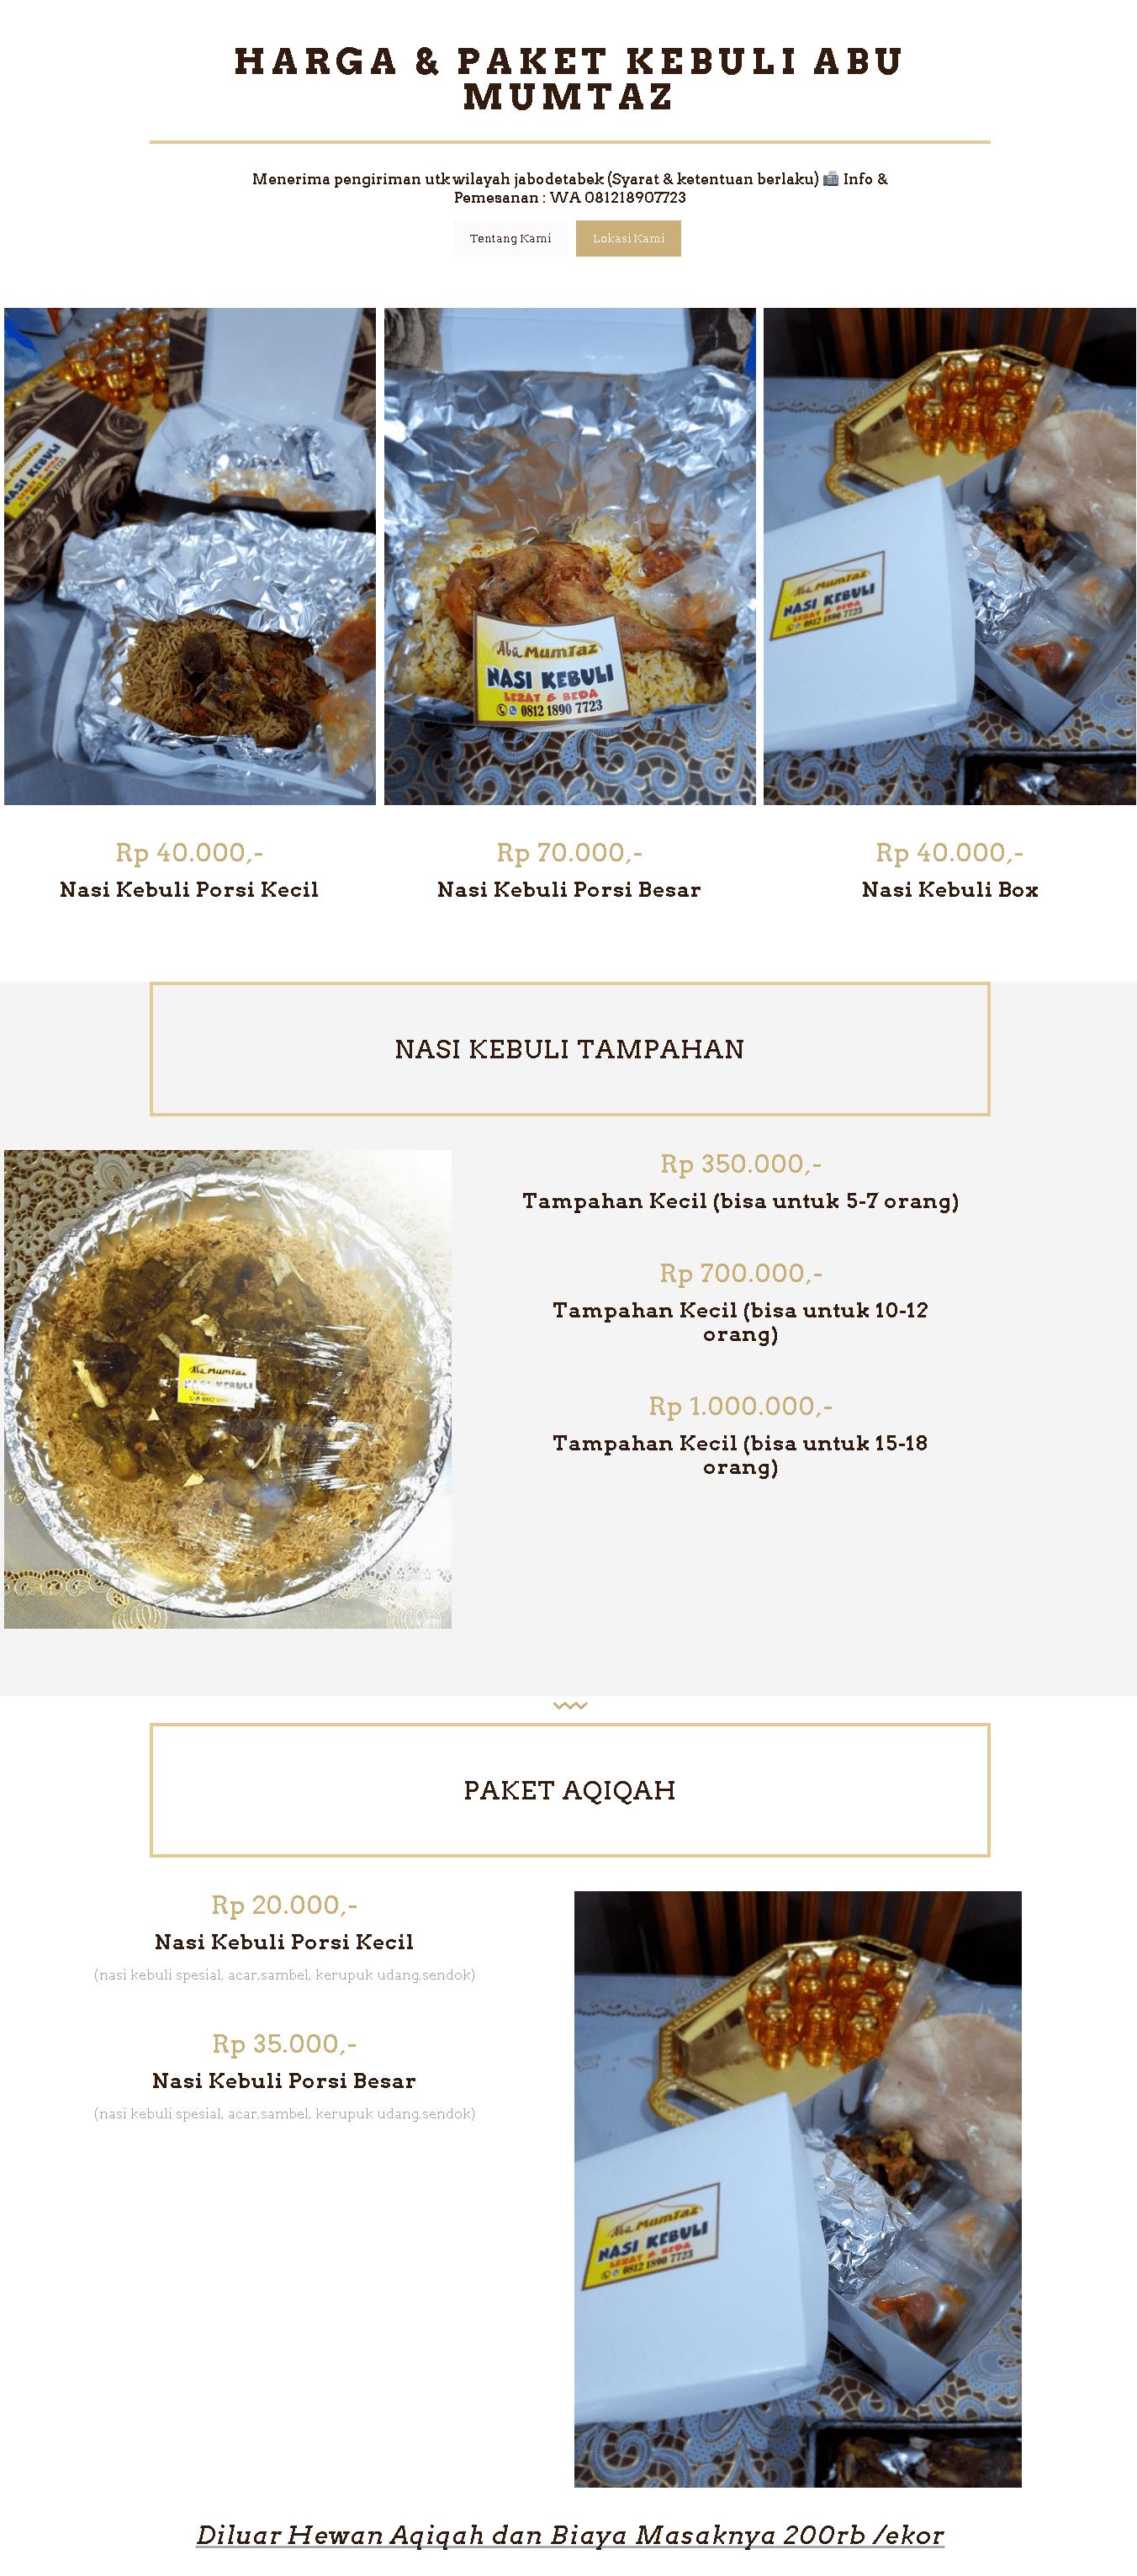 1 Harga Paket Aqiqah Jakarta 2015